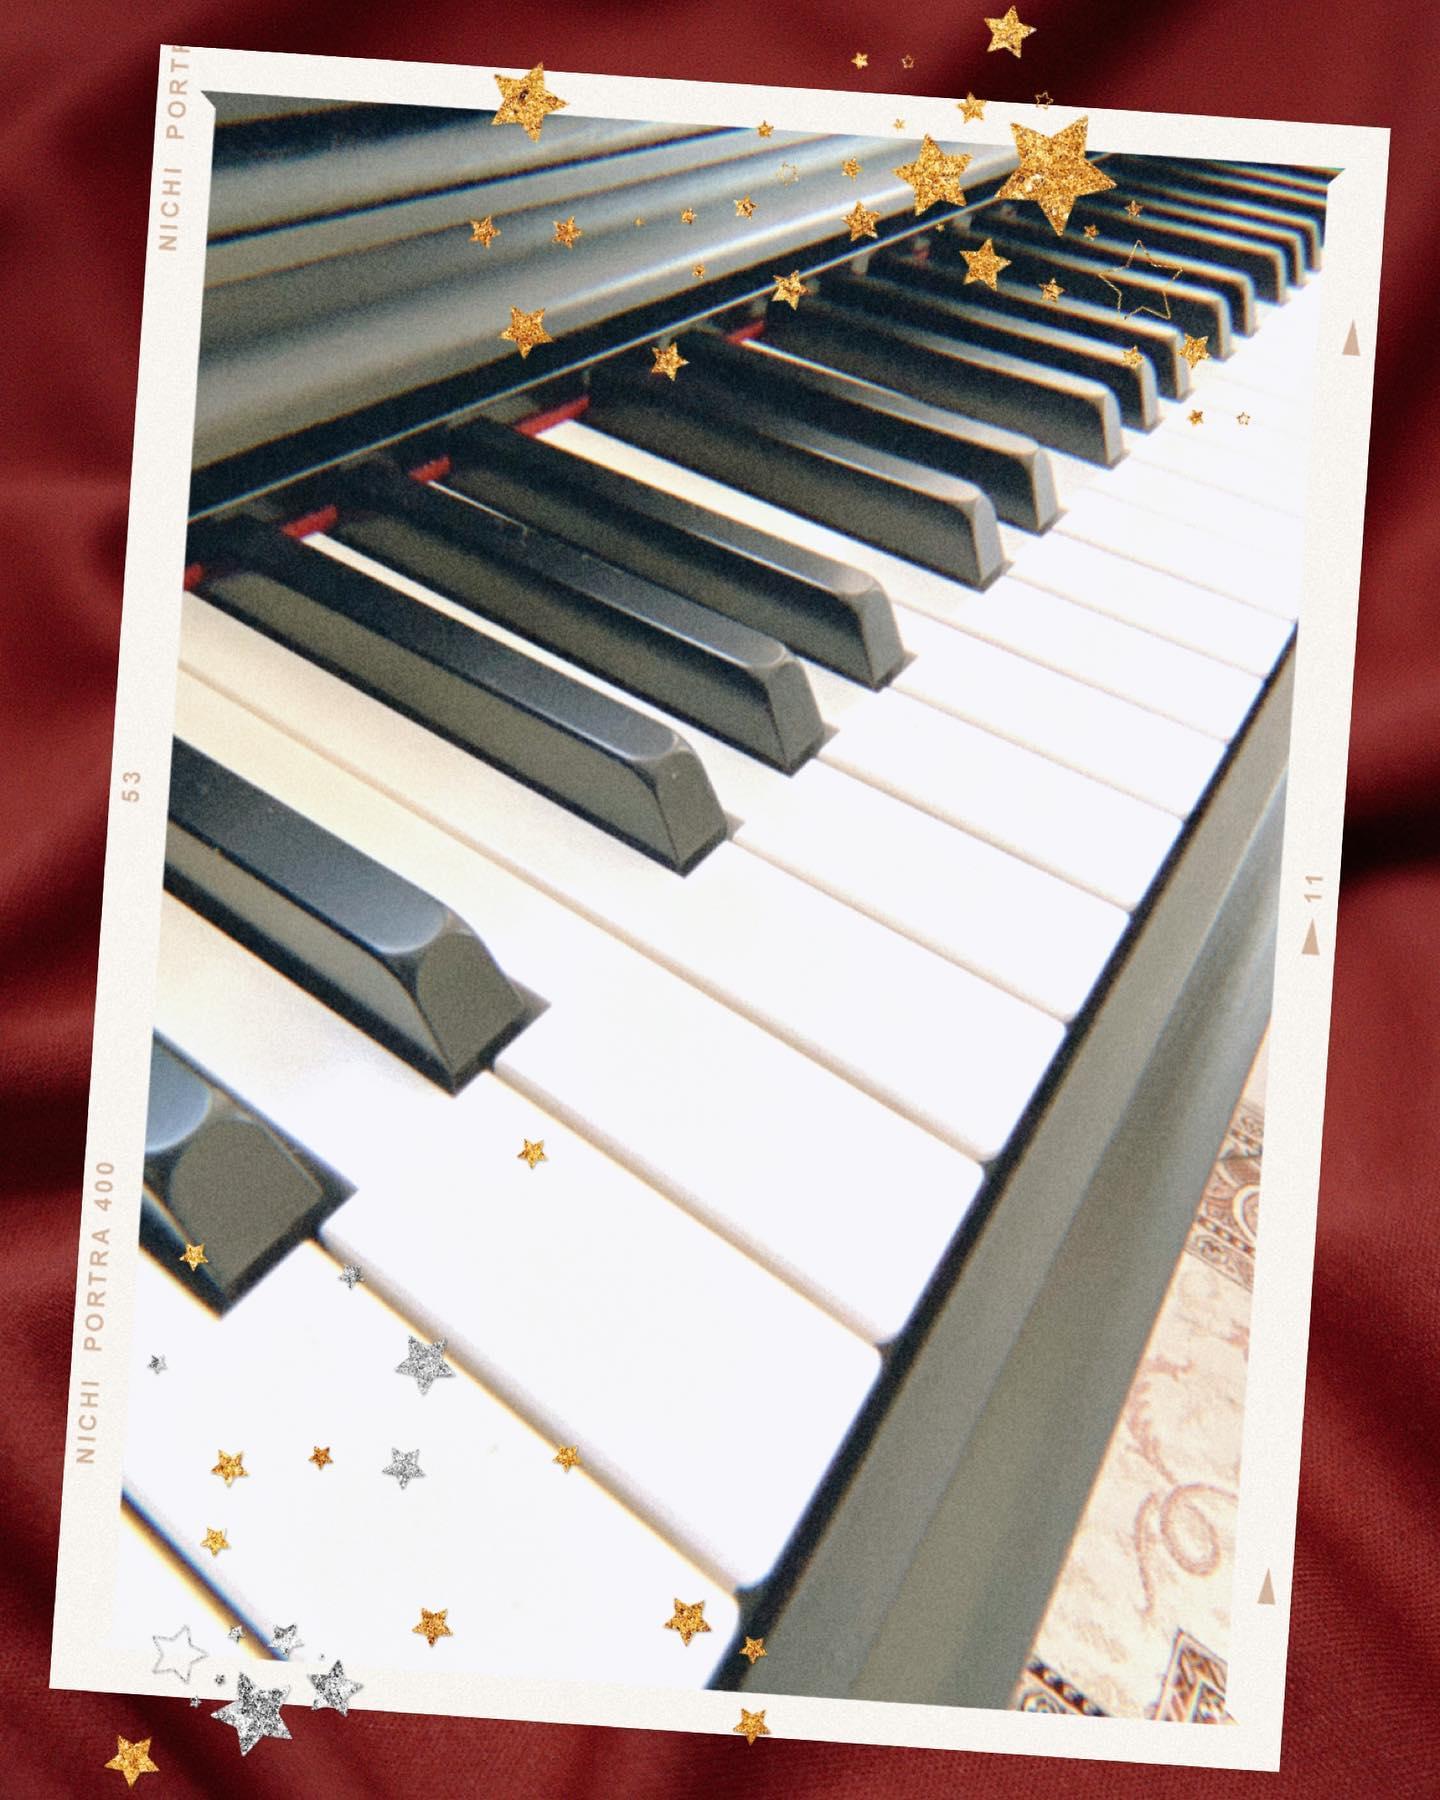 青空の下…響くピアノの音…なかなか風情がありますね  そんな本日の目玉商品は  CASIOの電子ピアノ🥳 表現力を引き出す、豊かでバランスの取れたピアノ音『リアル・グランド・エクスプレッションスタンダードⅡ音源』 最大同時発音数も192音に改良し、ペダルの使用や音数の多い曲でも自然に響き、本格的な演奏や日々のレッスンでもストレスなく演奏頂けます️  グランドピアノのタッチ感を忠実に再現した『グレードハンマー3鍵盤』 低音域では重く、高音域では軽く感じるピアノ本来の鍵盤タッチまで忠実に再現しております  電子ピアノなのに本格派😀️ アパートでも置けるサイズなので、お子様の習い事や趣味に始めたい方にもうってつけです₍ᐢ⑅•ᴗ•⑅ᐢ₎♡  ぜひぜひ一度はっぴーオークションで検索してみてくださいね(⑅•ᴗ•⑅)◜..°♡